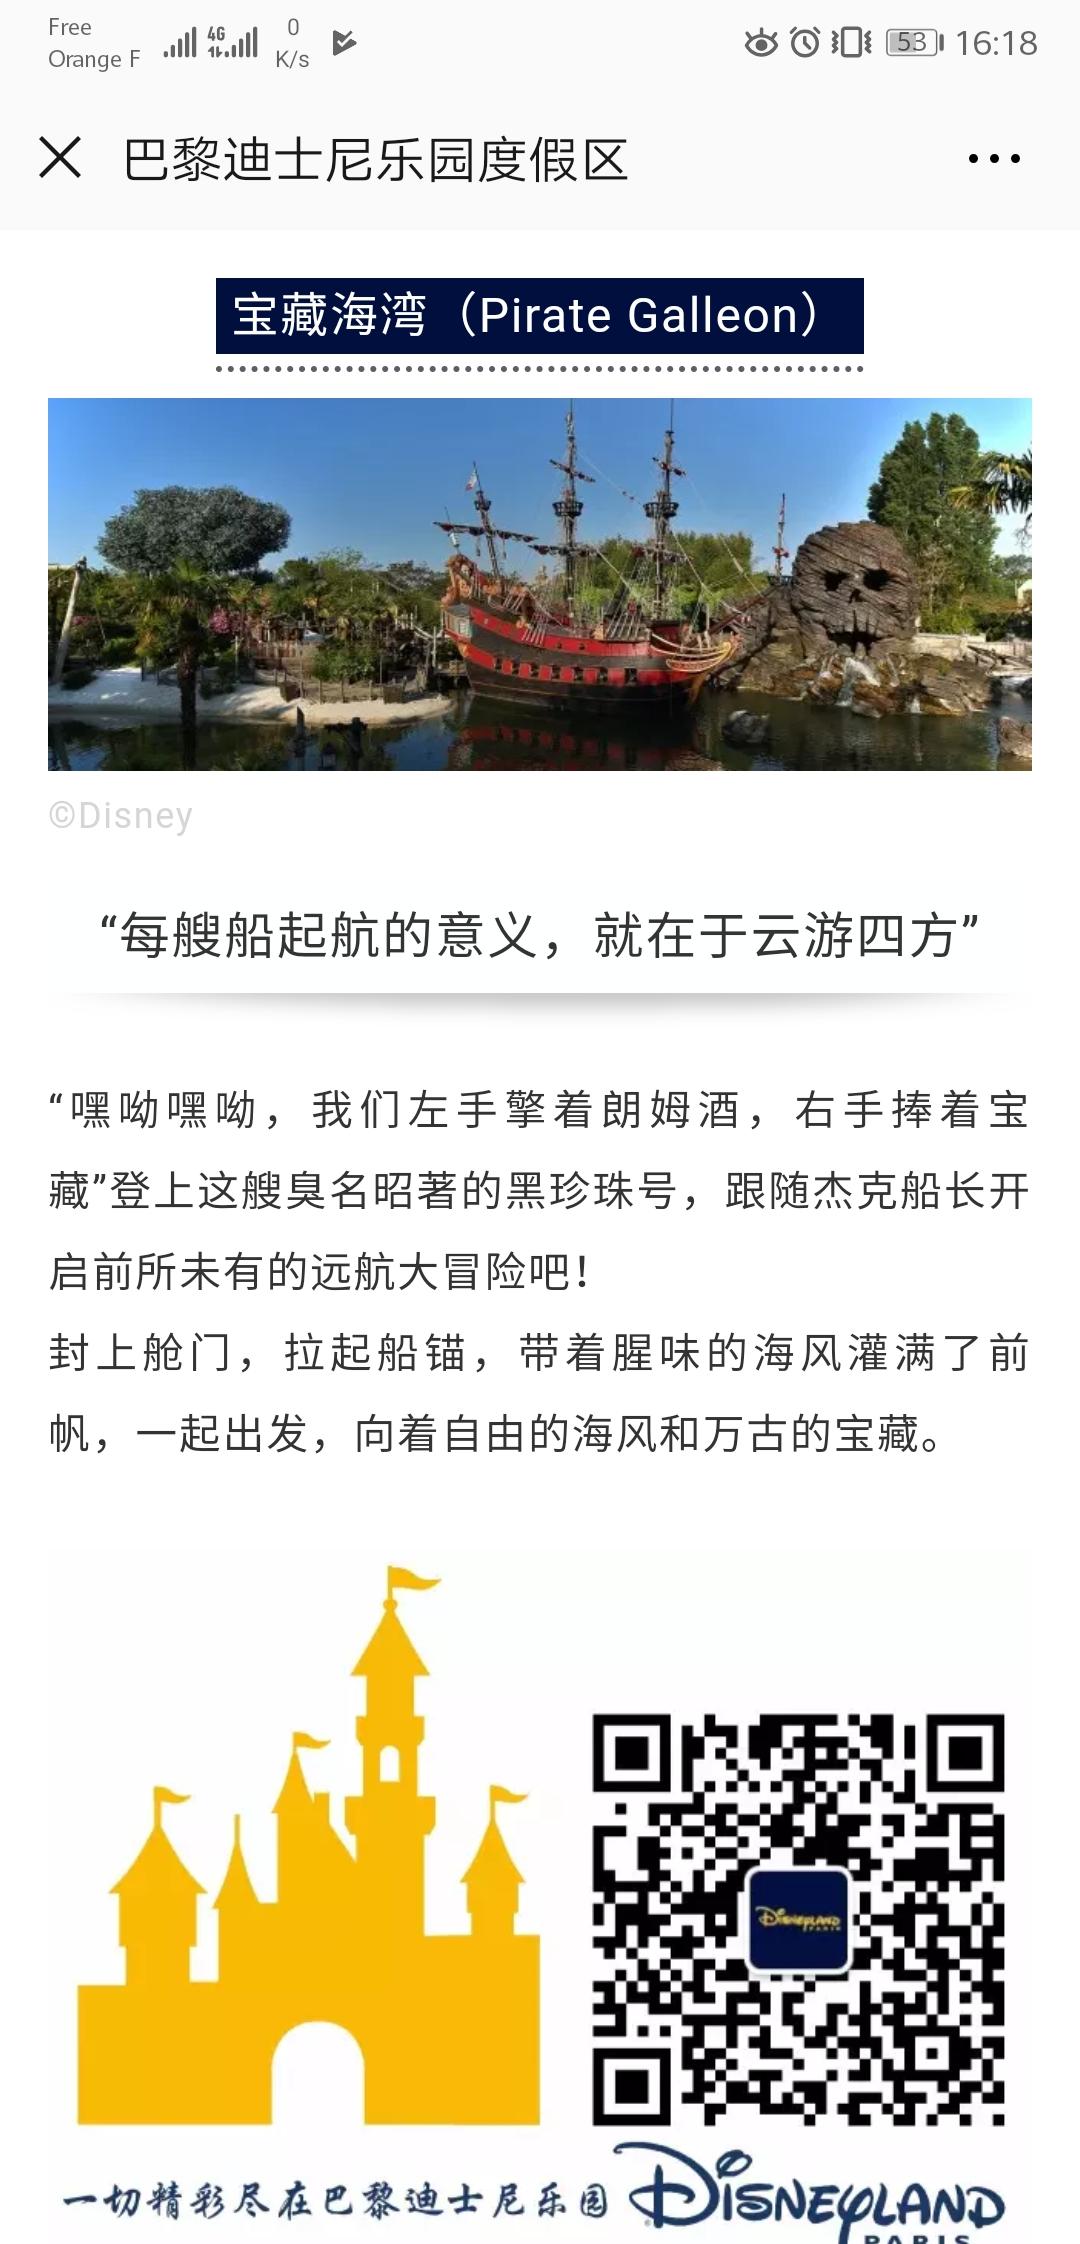 OTCP Weibo account Europass